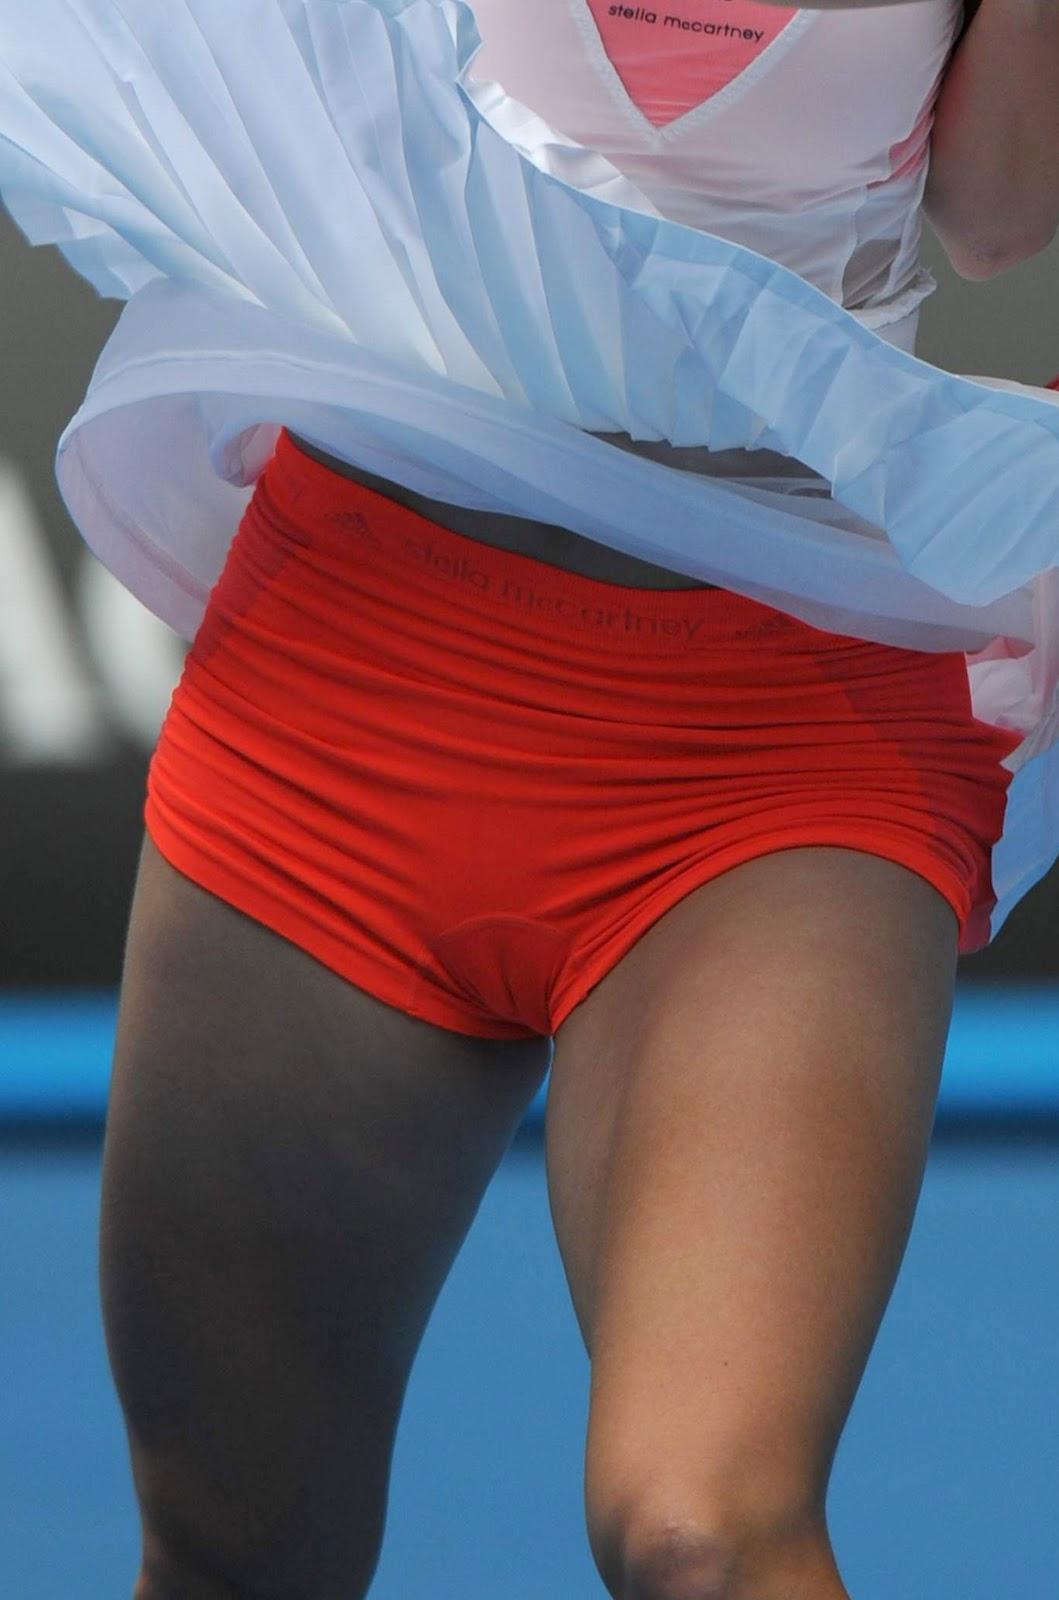 Caroline wozniacki australian open